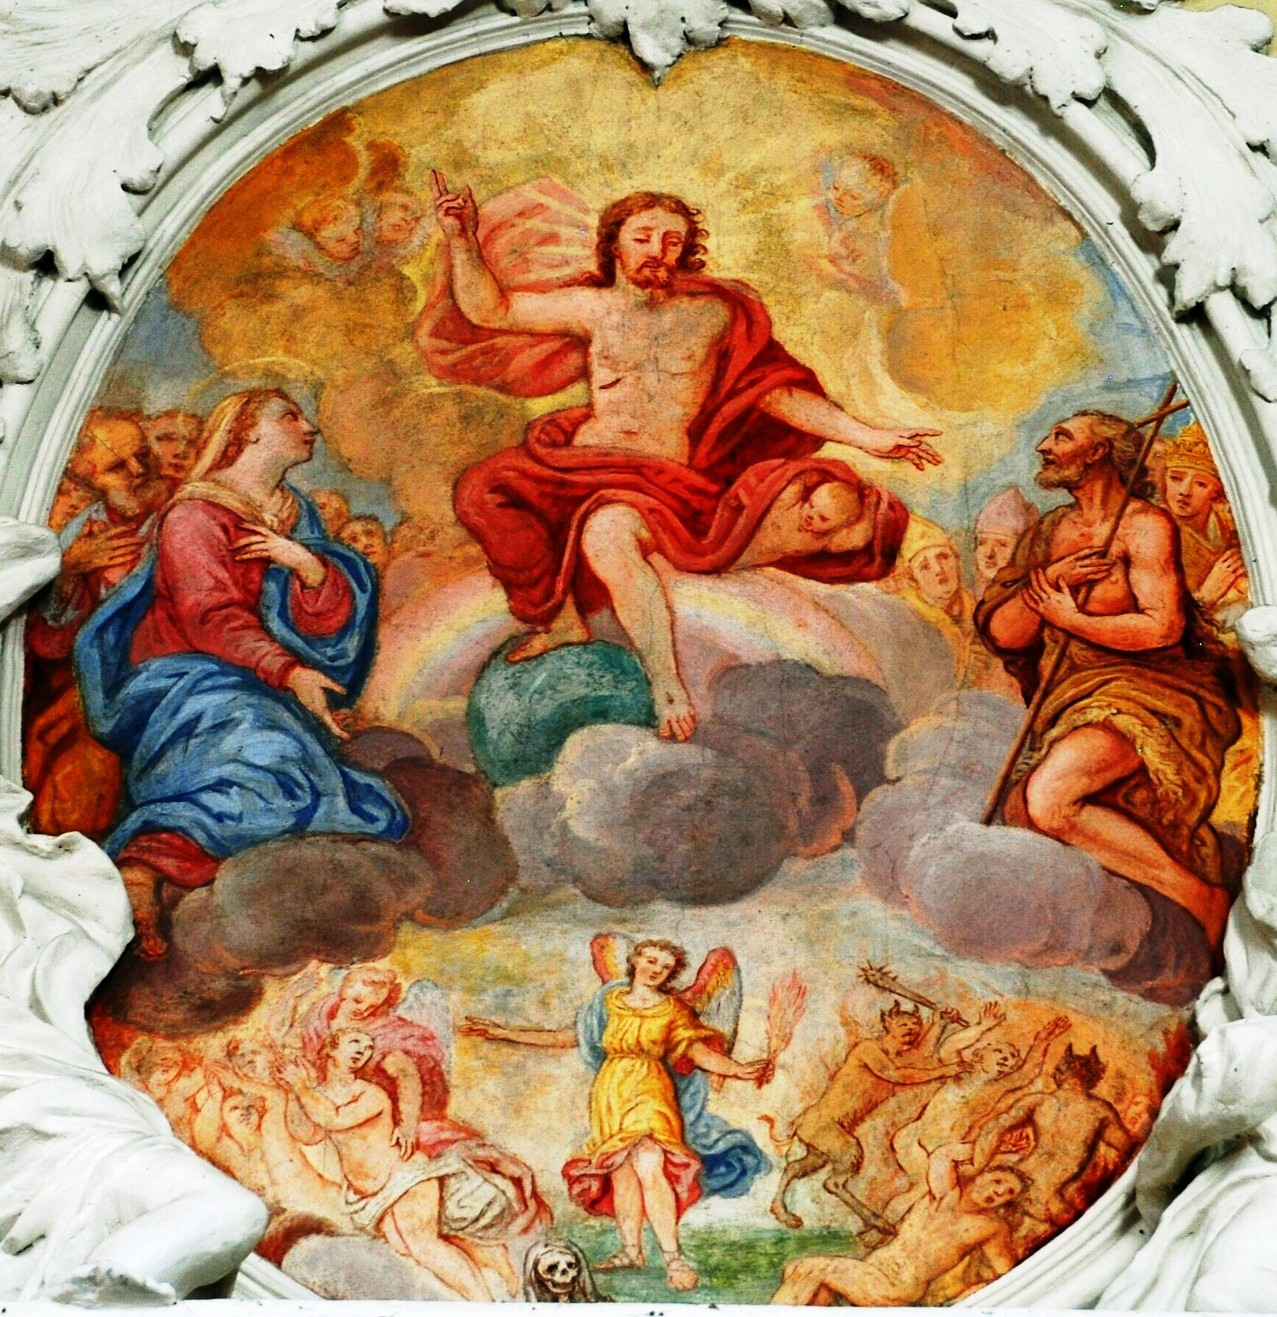 credo kirchenschiff wallfahrtskirche gartlberg  der richten wird die lebenden und die toten #5